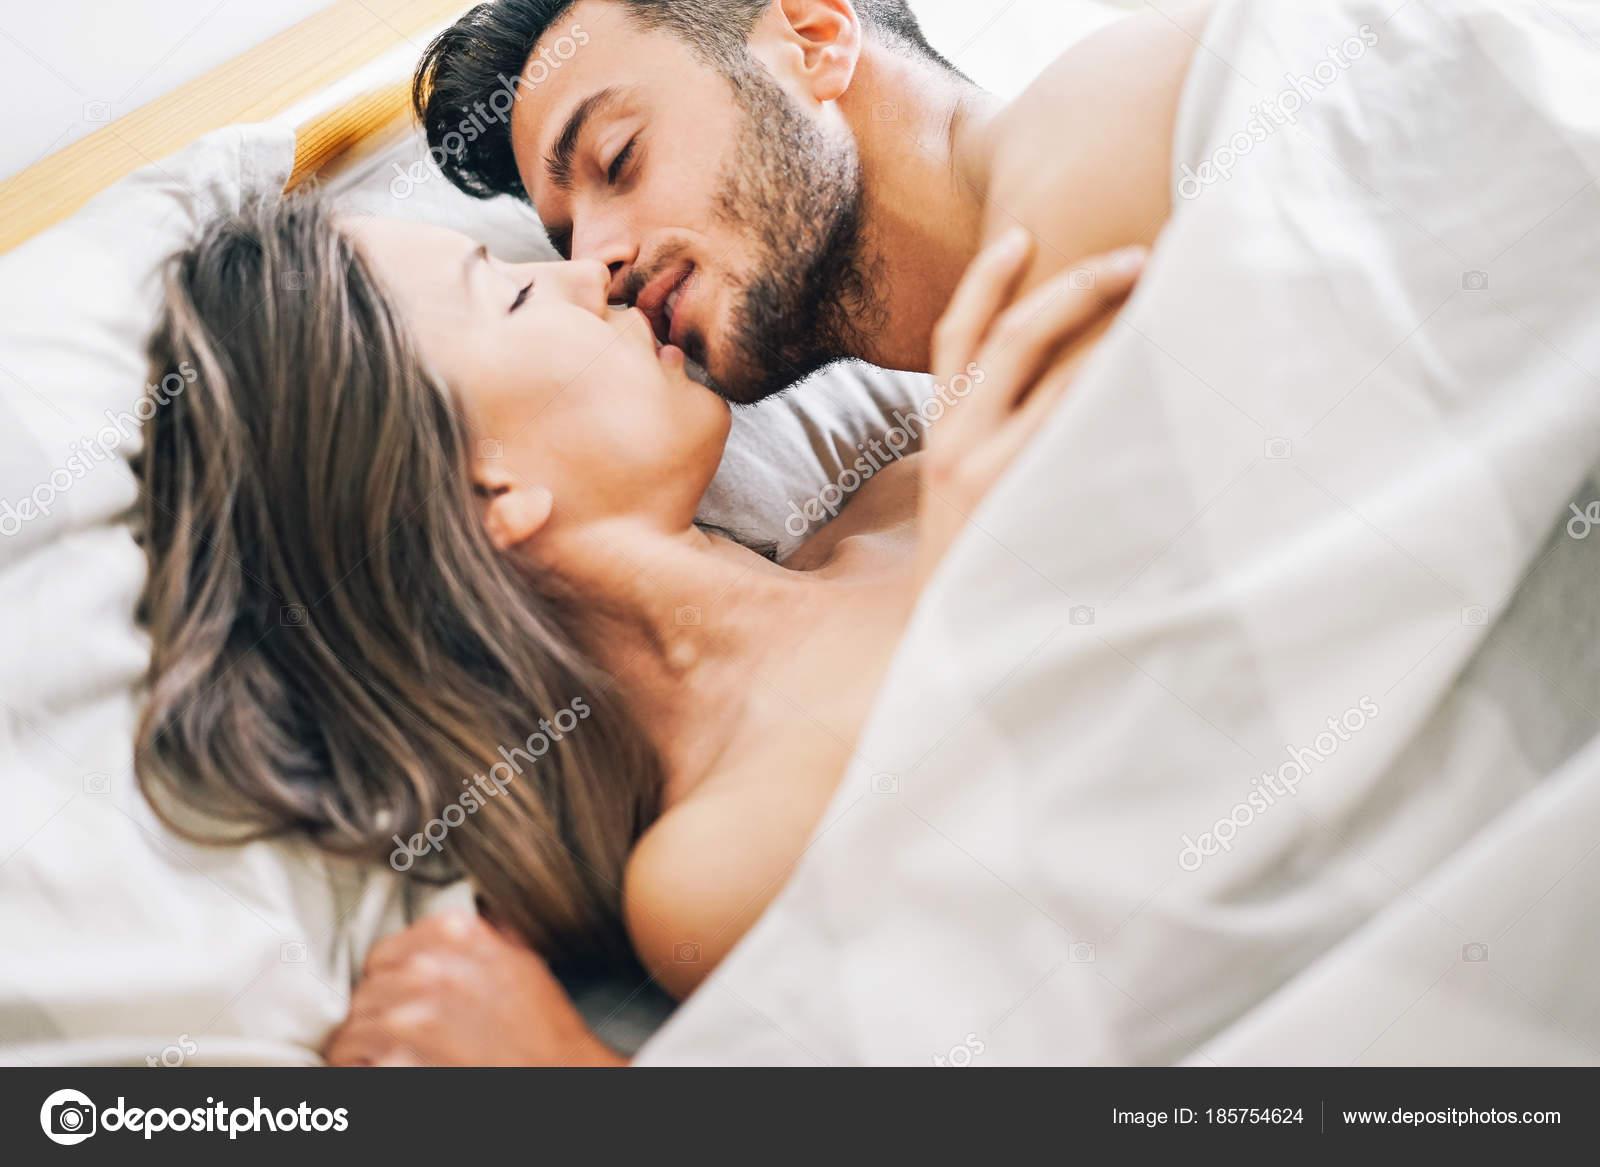 Секс пары видео бесплатно